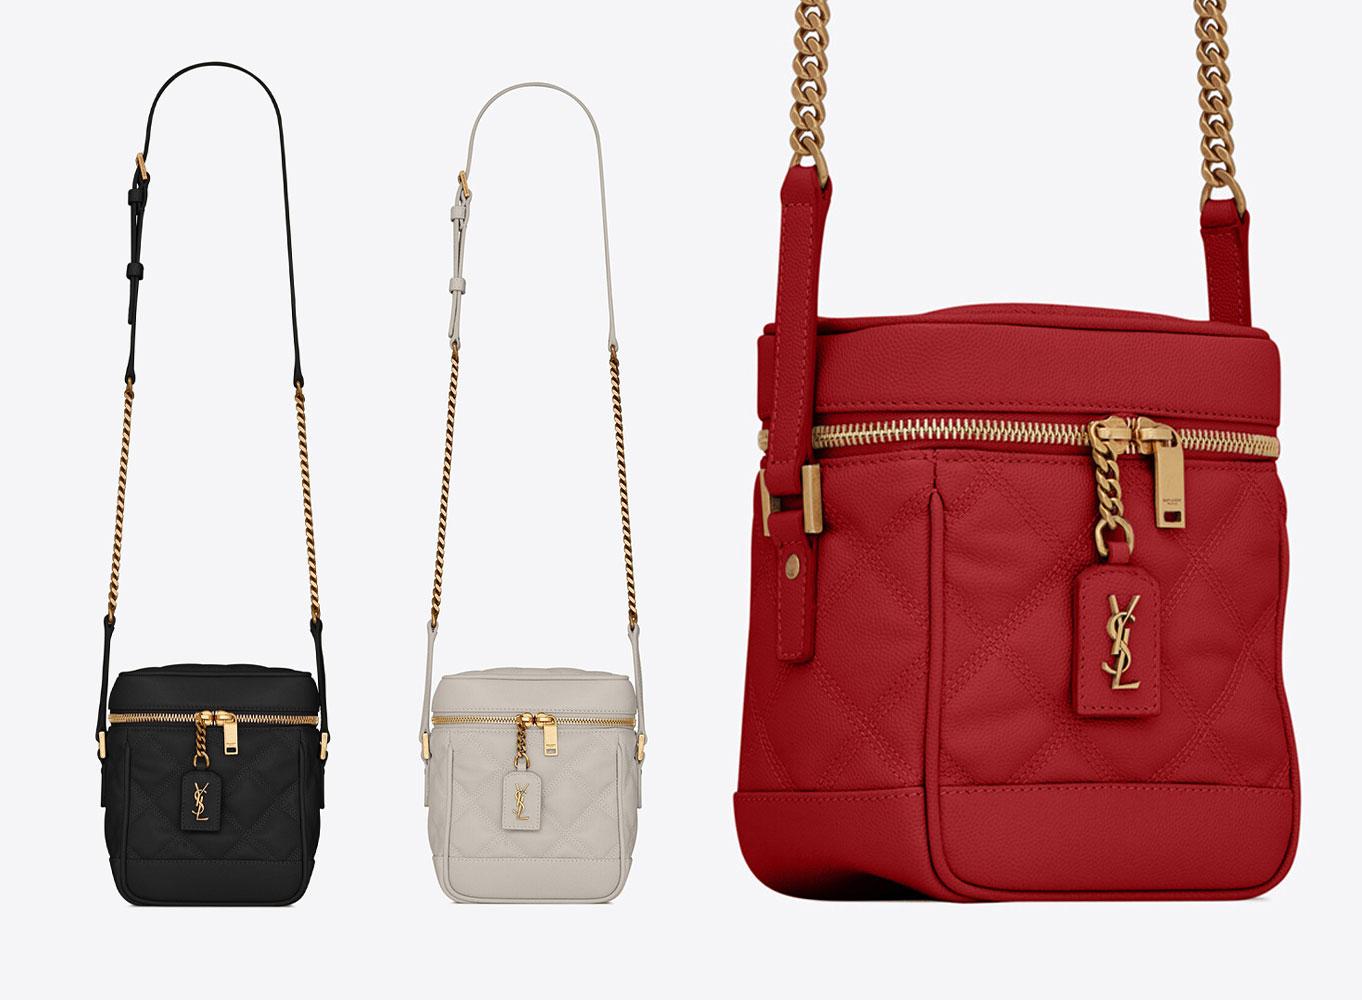 Xu hướng túi xách hot năm 2021: Túi Vanity Bag 5